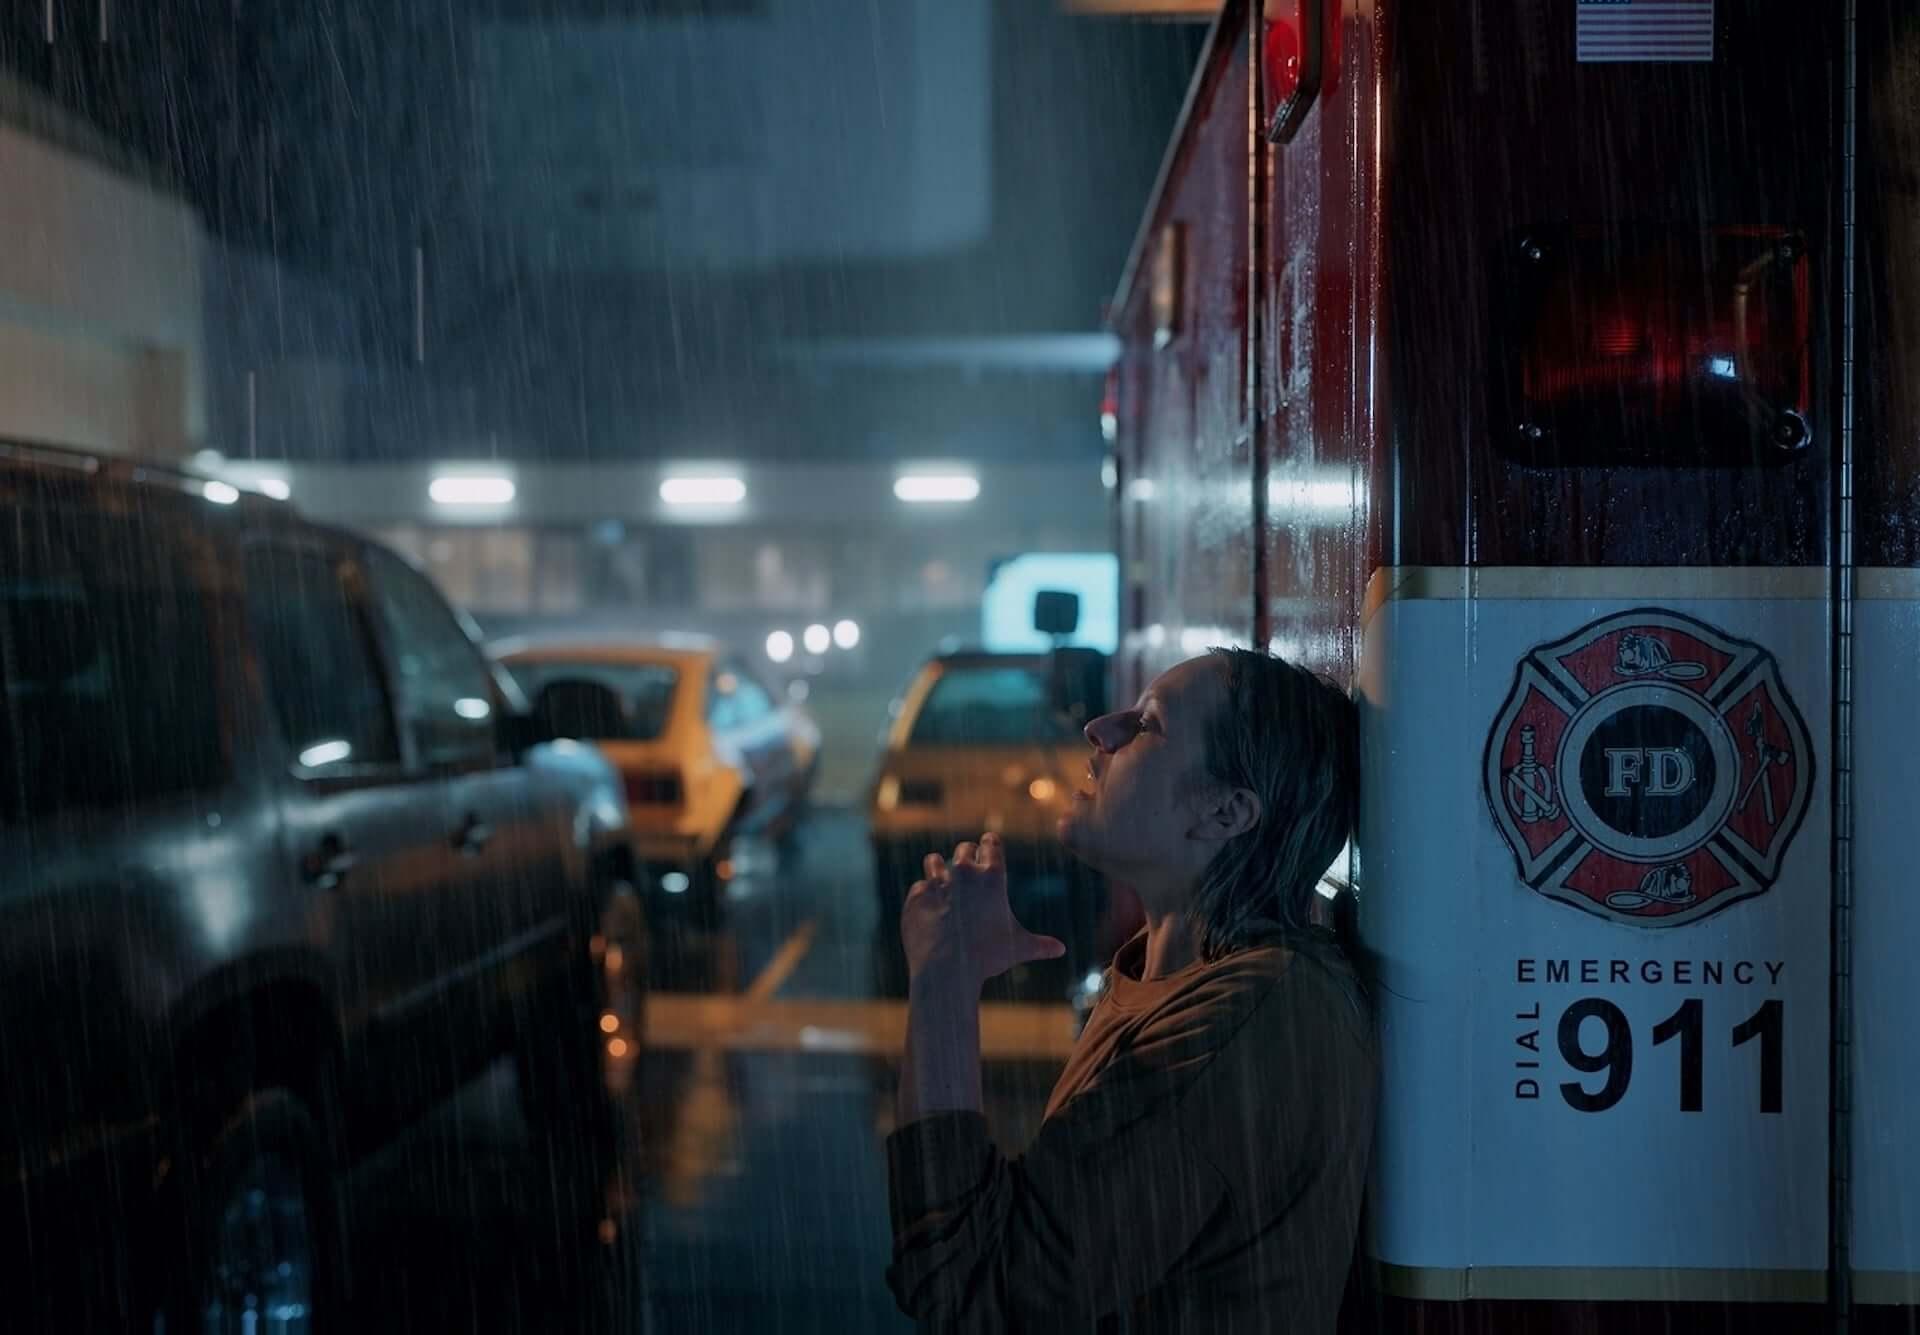 『透明人間』監督リー・ワネルの素顔とは…恐怖の舞台裏に迫るメイキング入り特別映像が公開! film200710_toumei-ningen_2-1920x1335